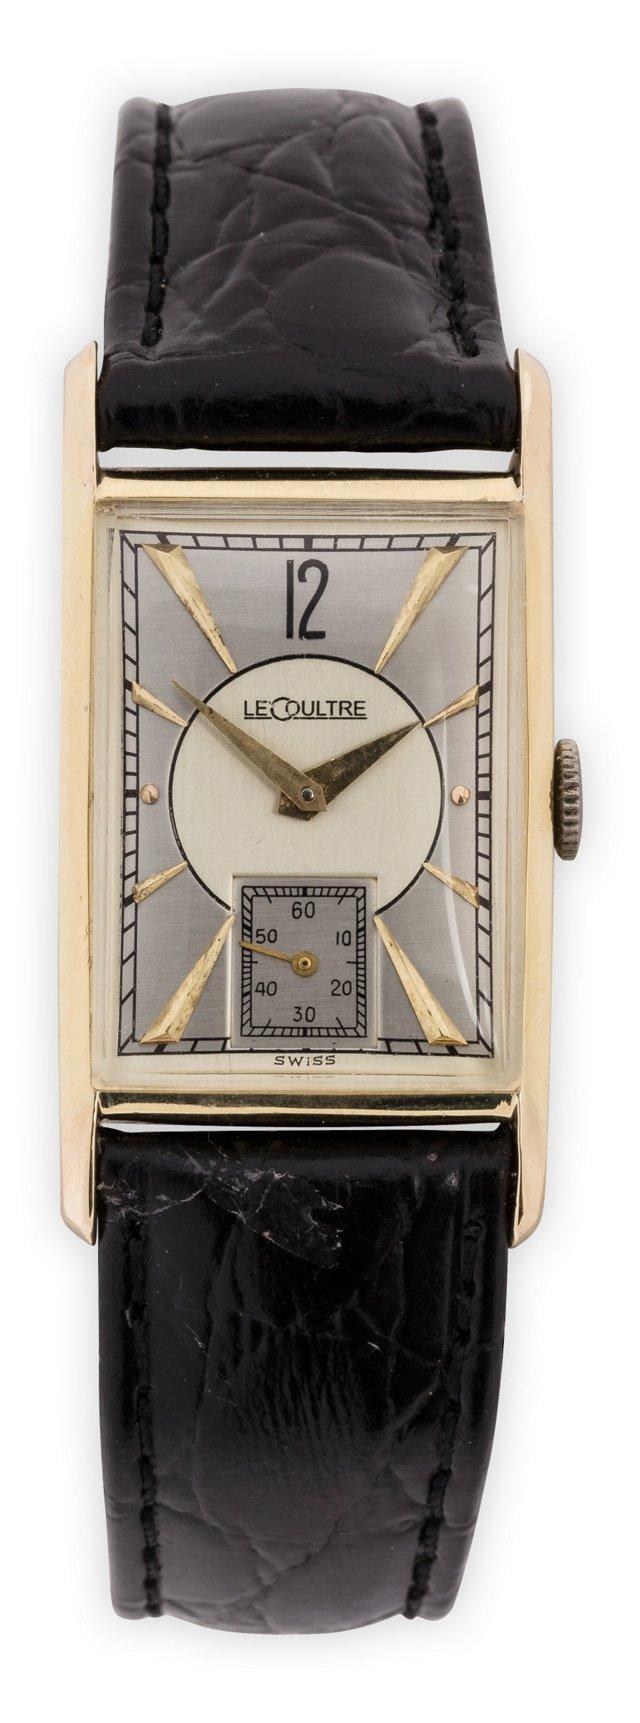 1940s LeCoultre Rectangular Watch